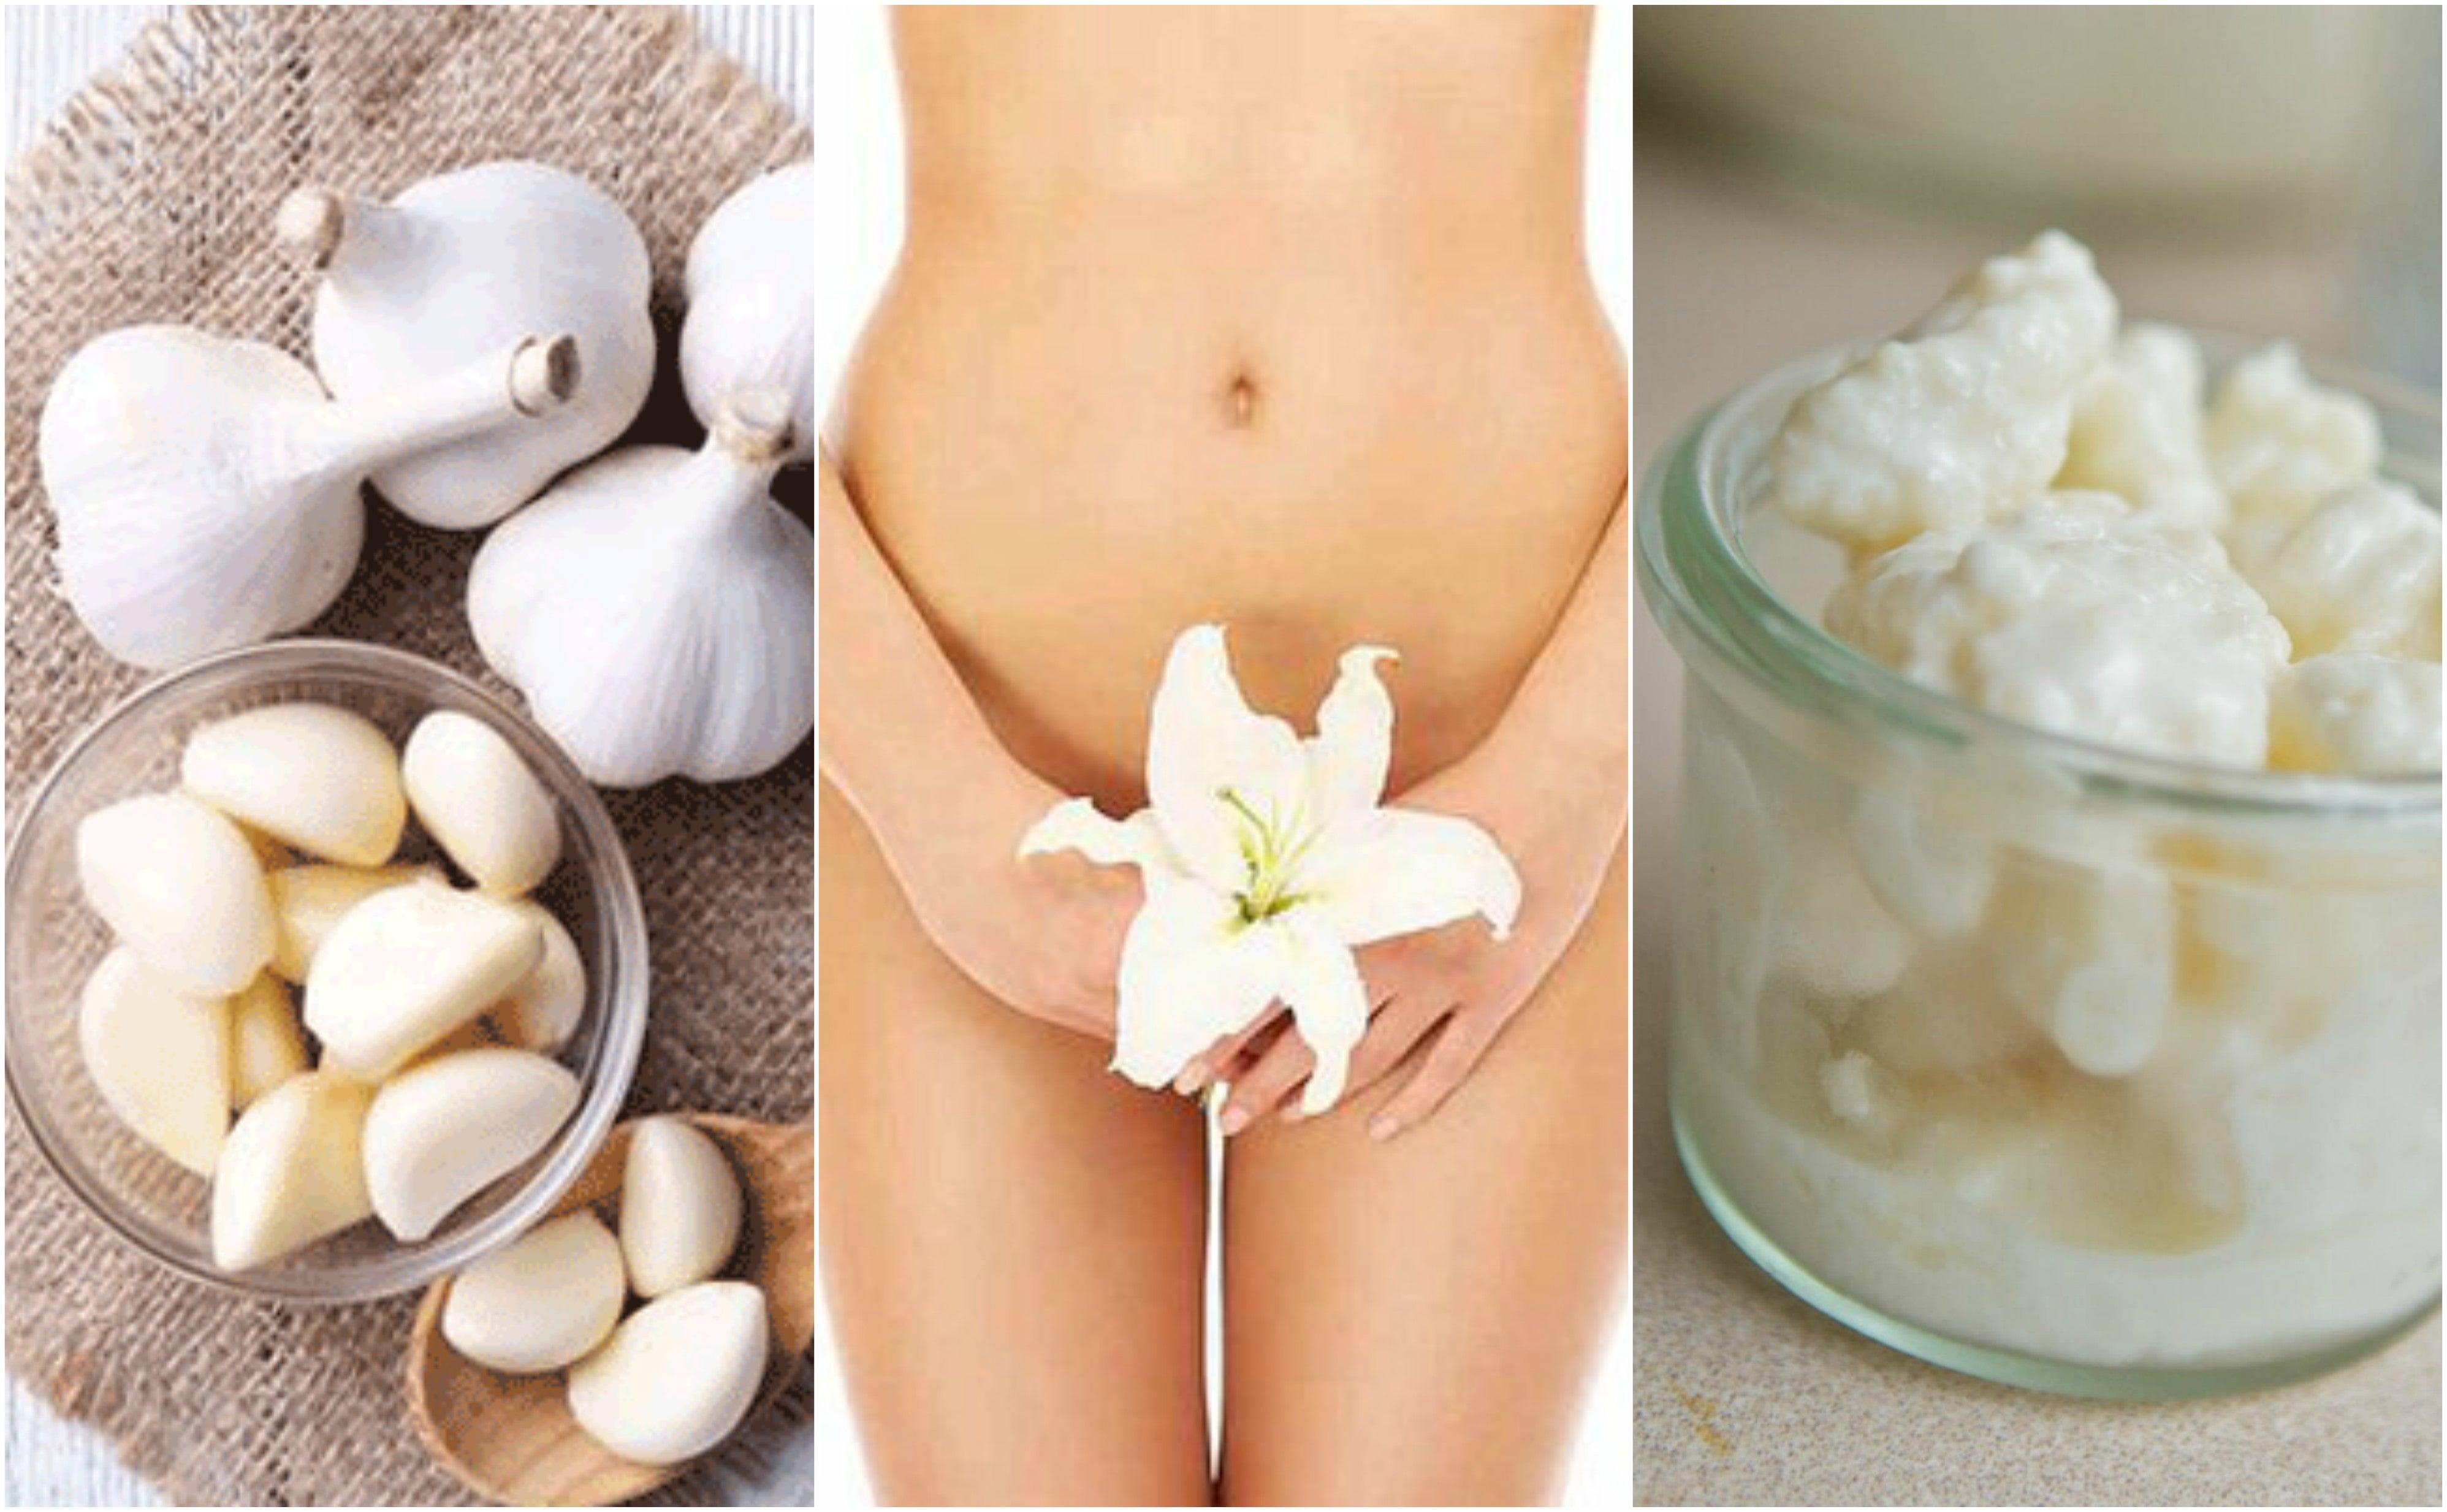 7 alimentos que ayudan a proteger la zona íntima femenina